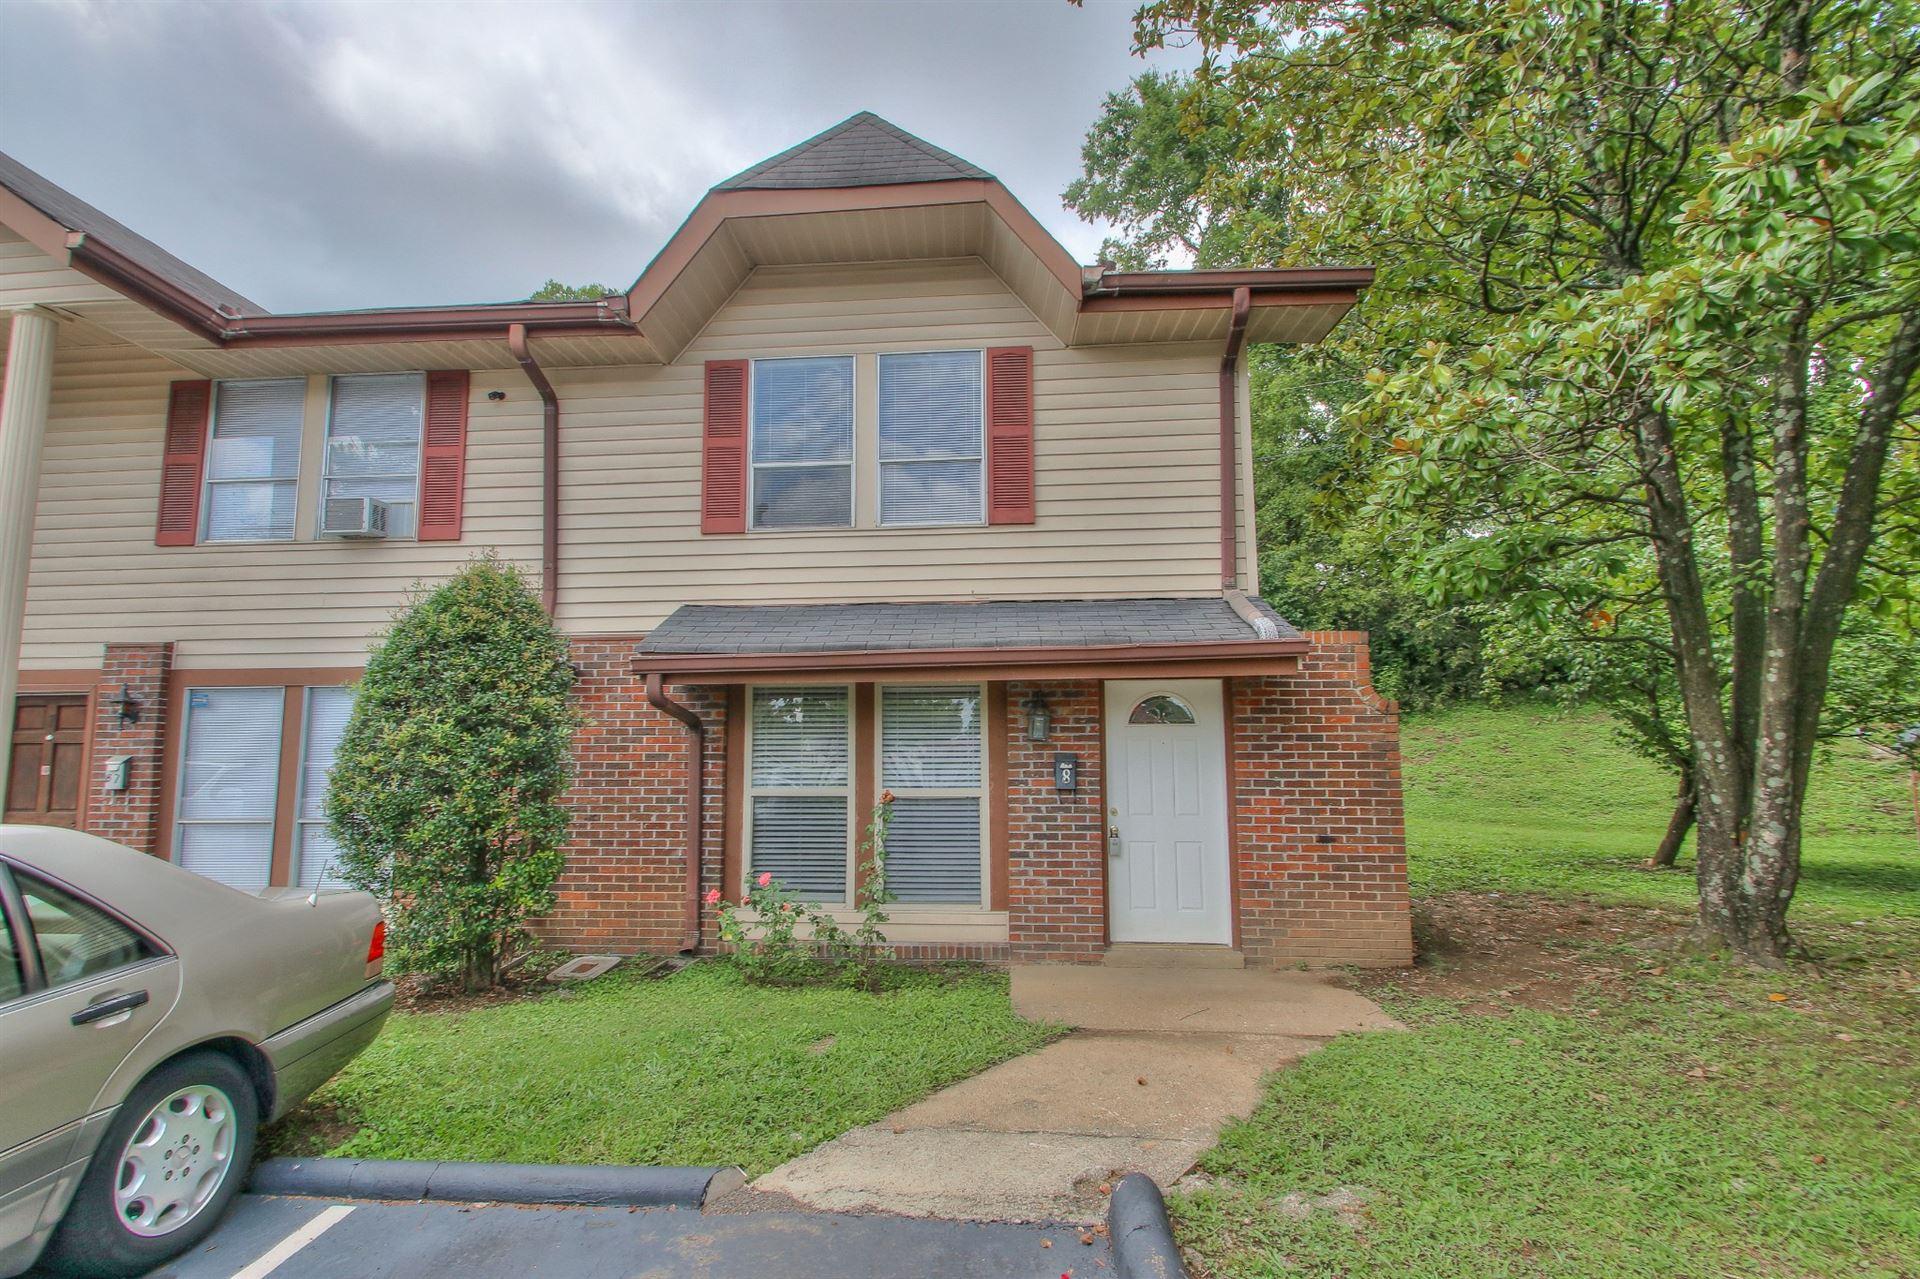 500 Paragon Mills Rd #B8, Nashville, TN 37211 - MLS#: 2284286